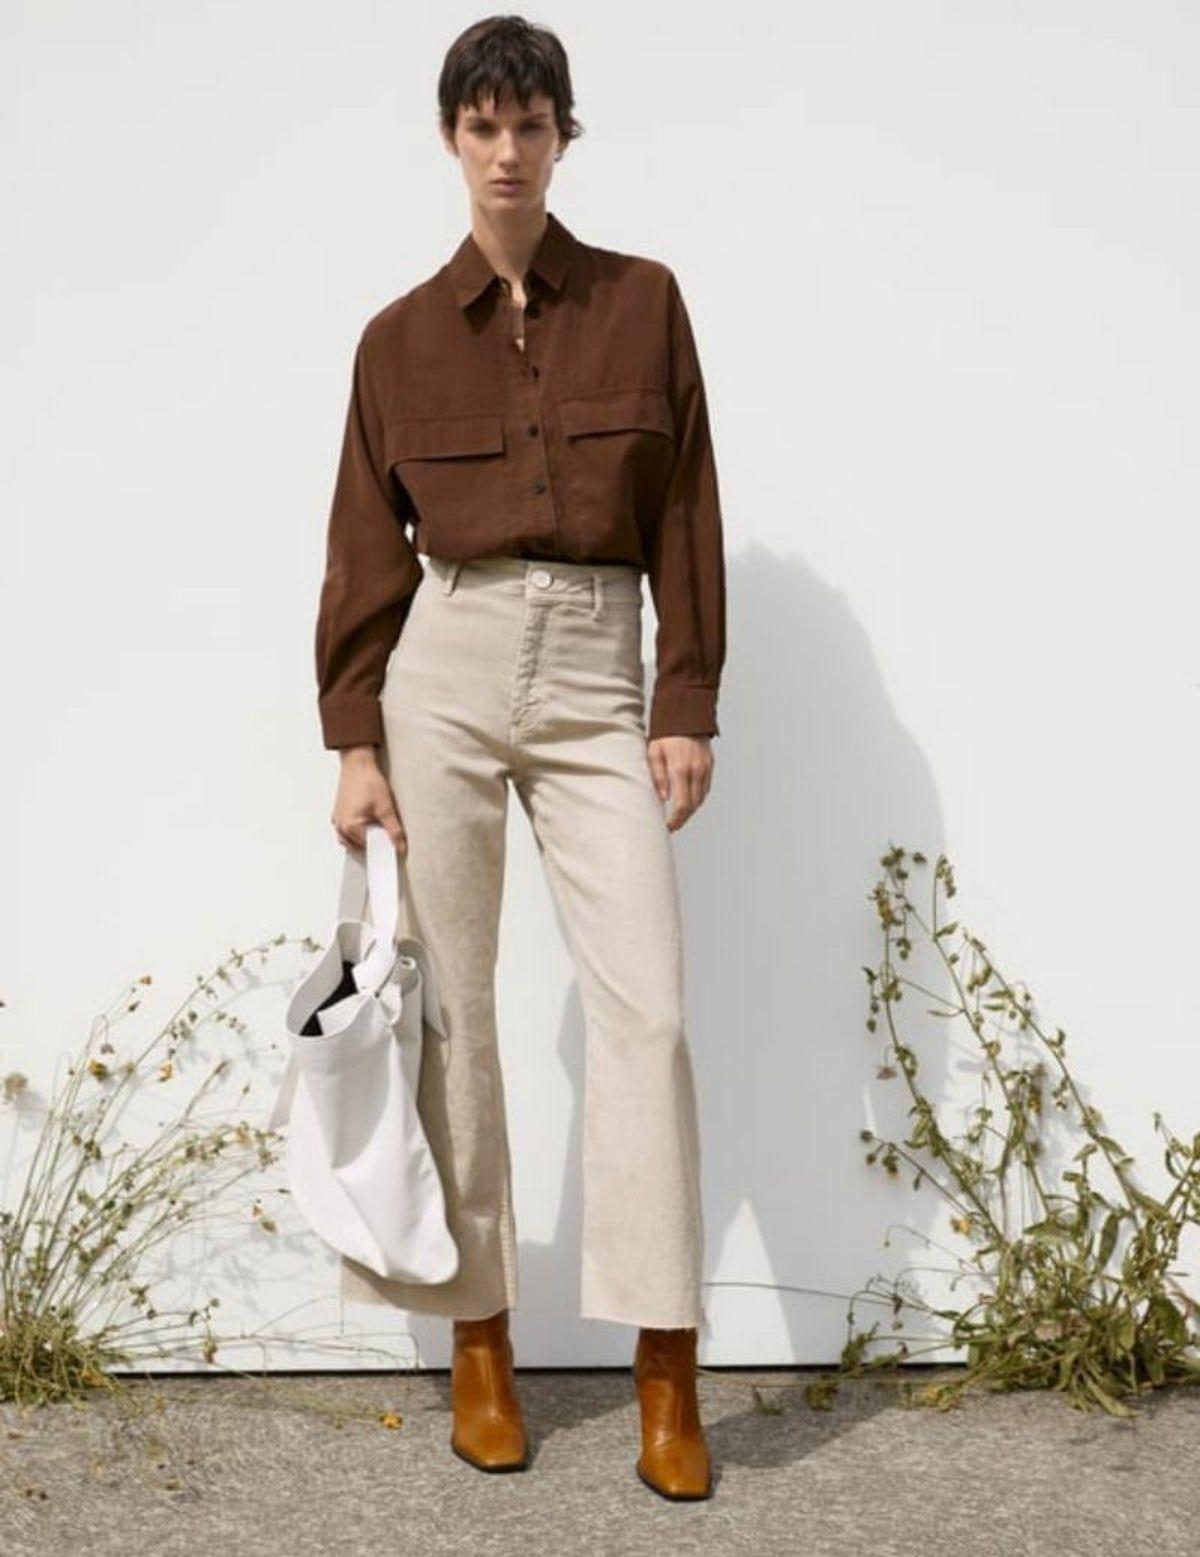 Zara Premium Marine Straight Jeans Straight Leg Jeans Outfits Straight Jeans Straight Jeans Outfit